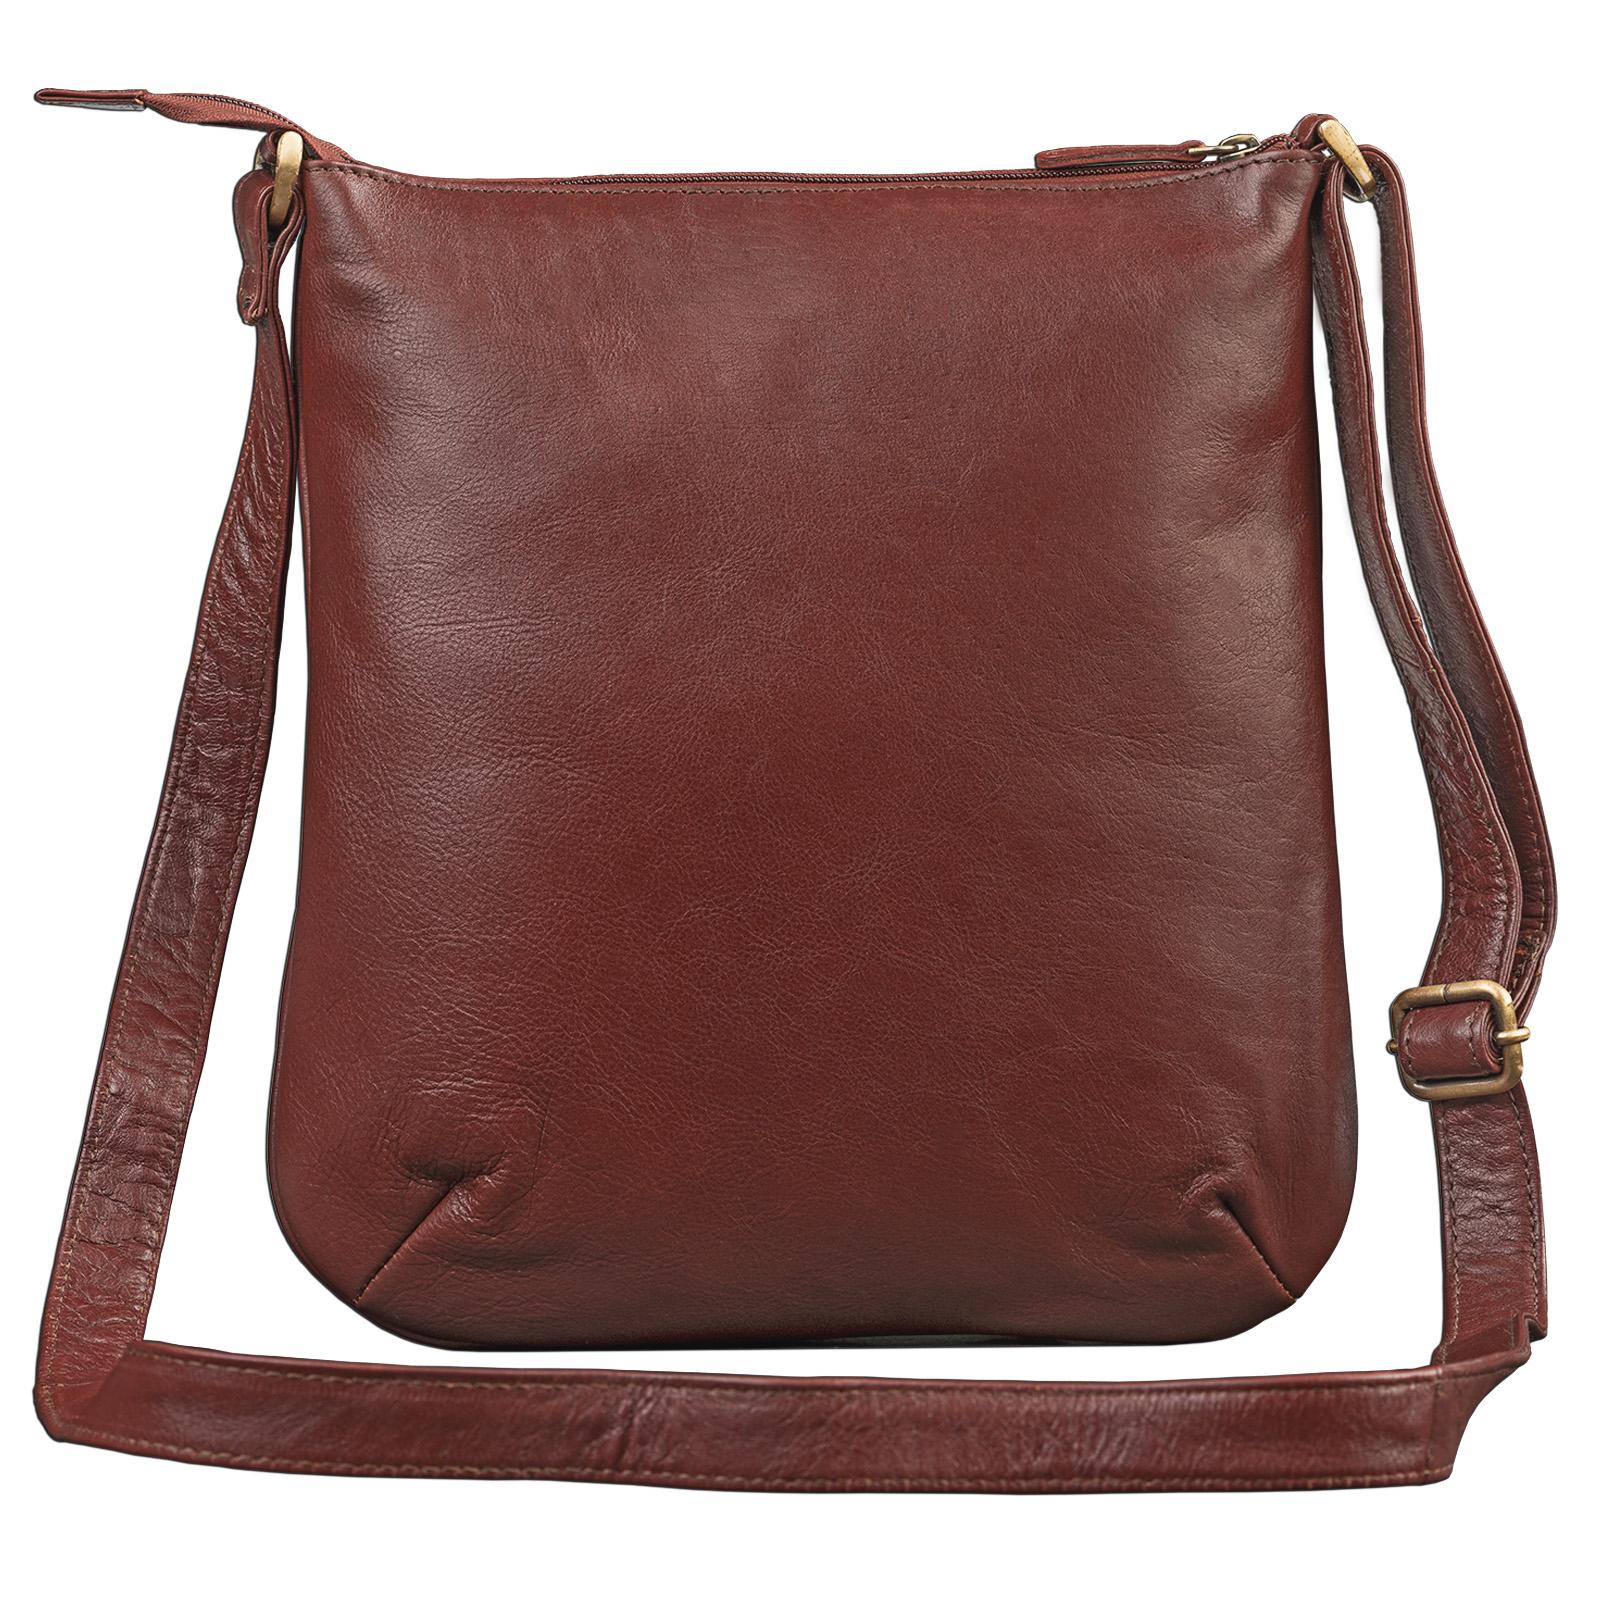 """STILORD """"Lina"""" Elegante Vintage Damen Umhängetasche Schultertasche klein Abendtasche klassische Handtasche 10.1 Zoll Tablettasche echtes Leder - Bild 7"""